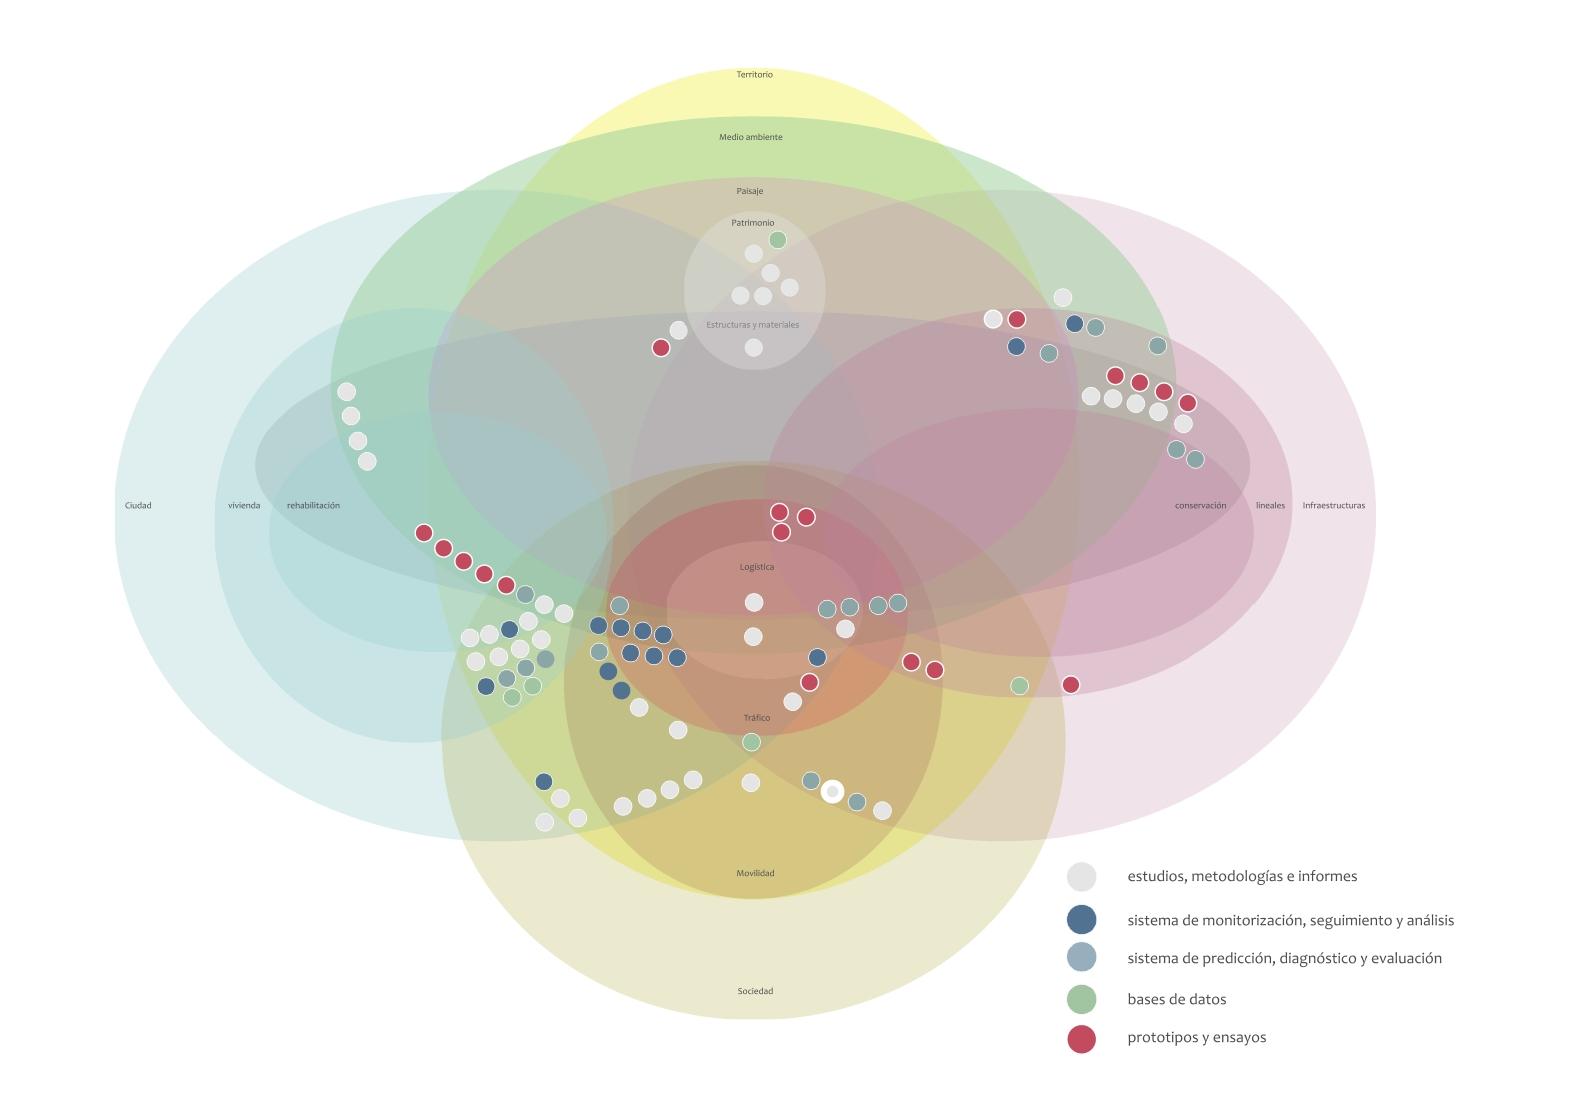 esquema vertical del mapa